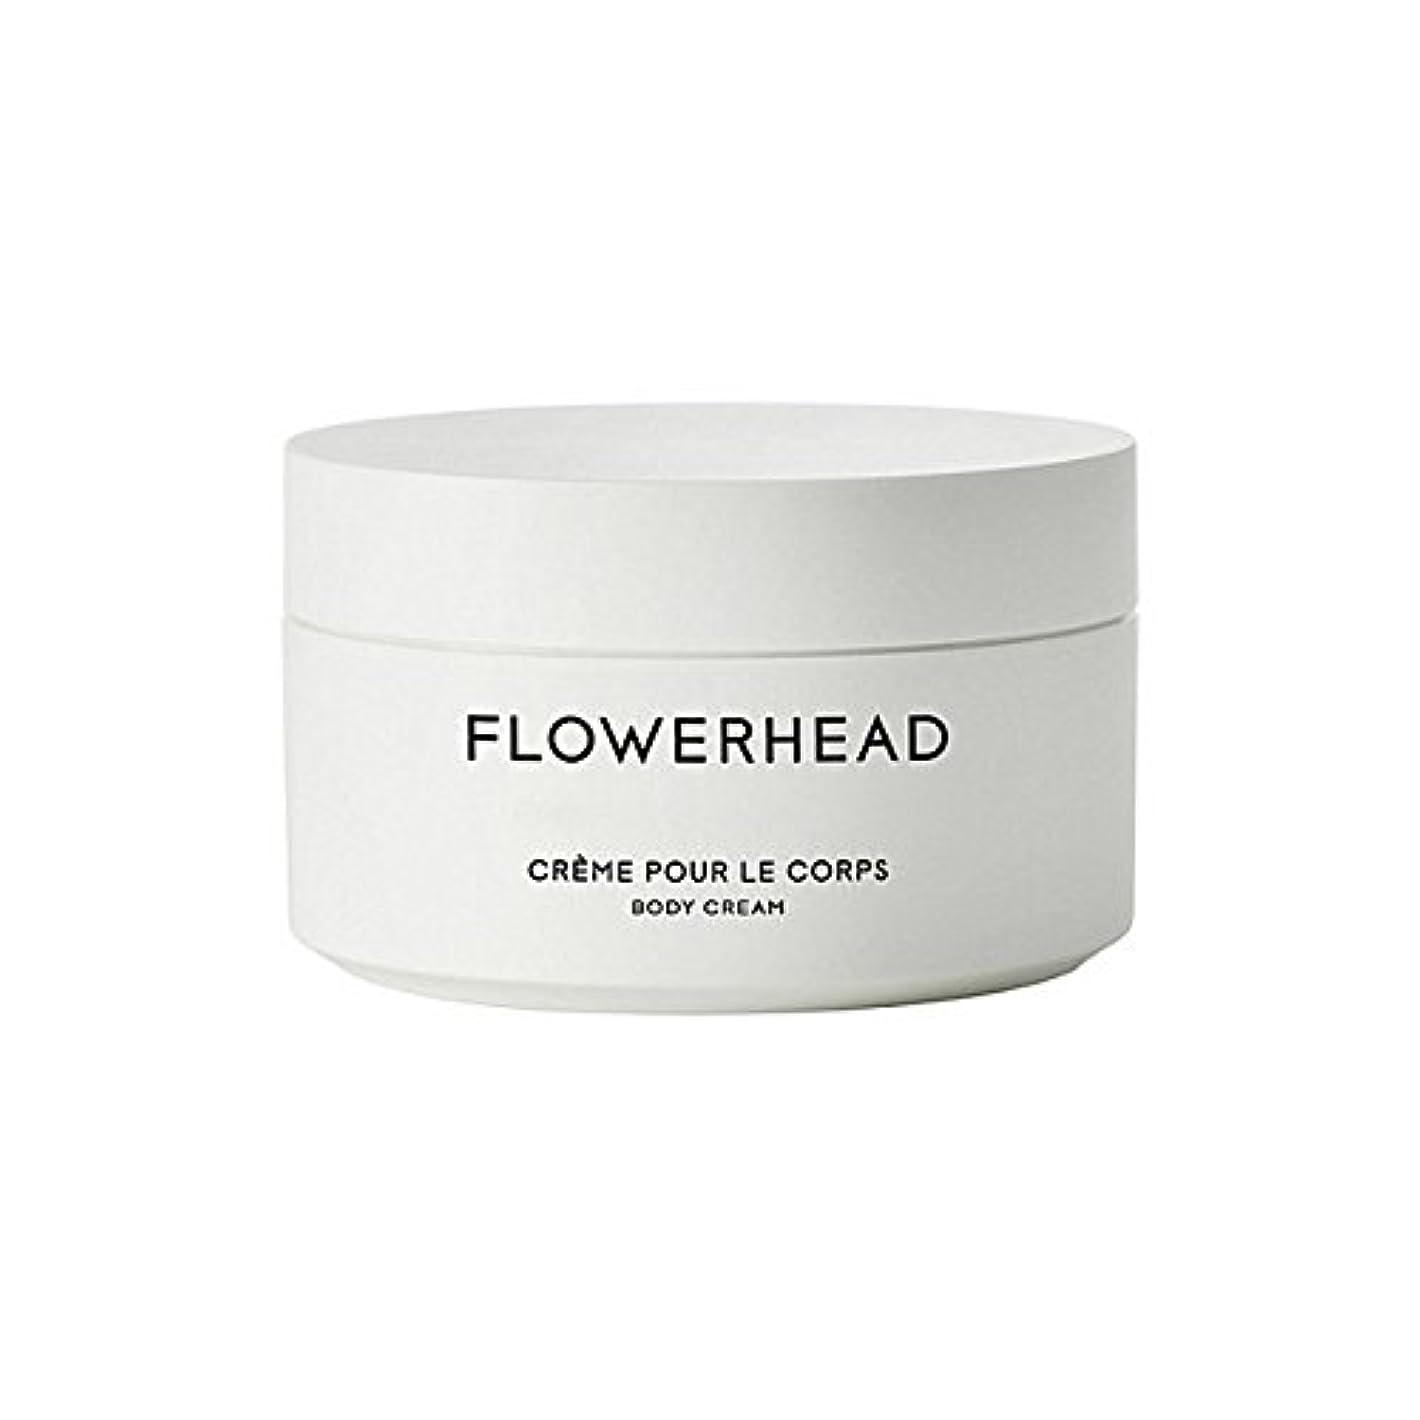 ラジカル特権的馬力ボディクリーム200ミリリットル x4 - Byredo Flowerhead Body Cream 200ml (Pack of 4) [並行輸入品]